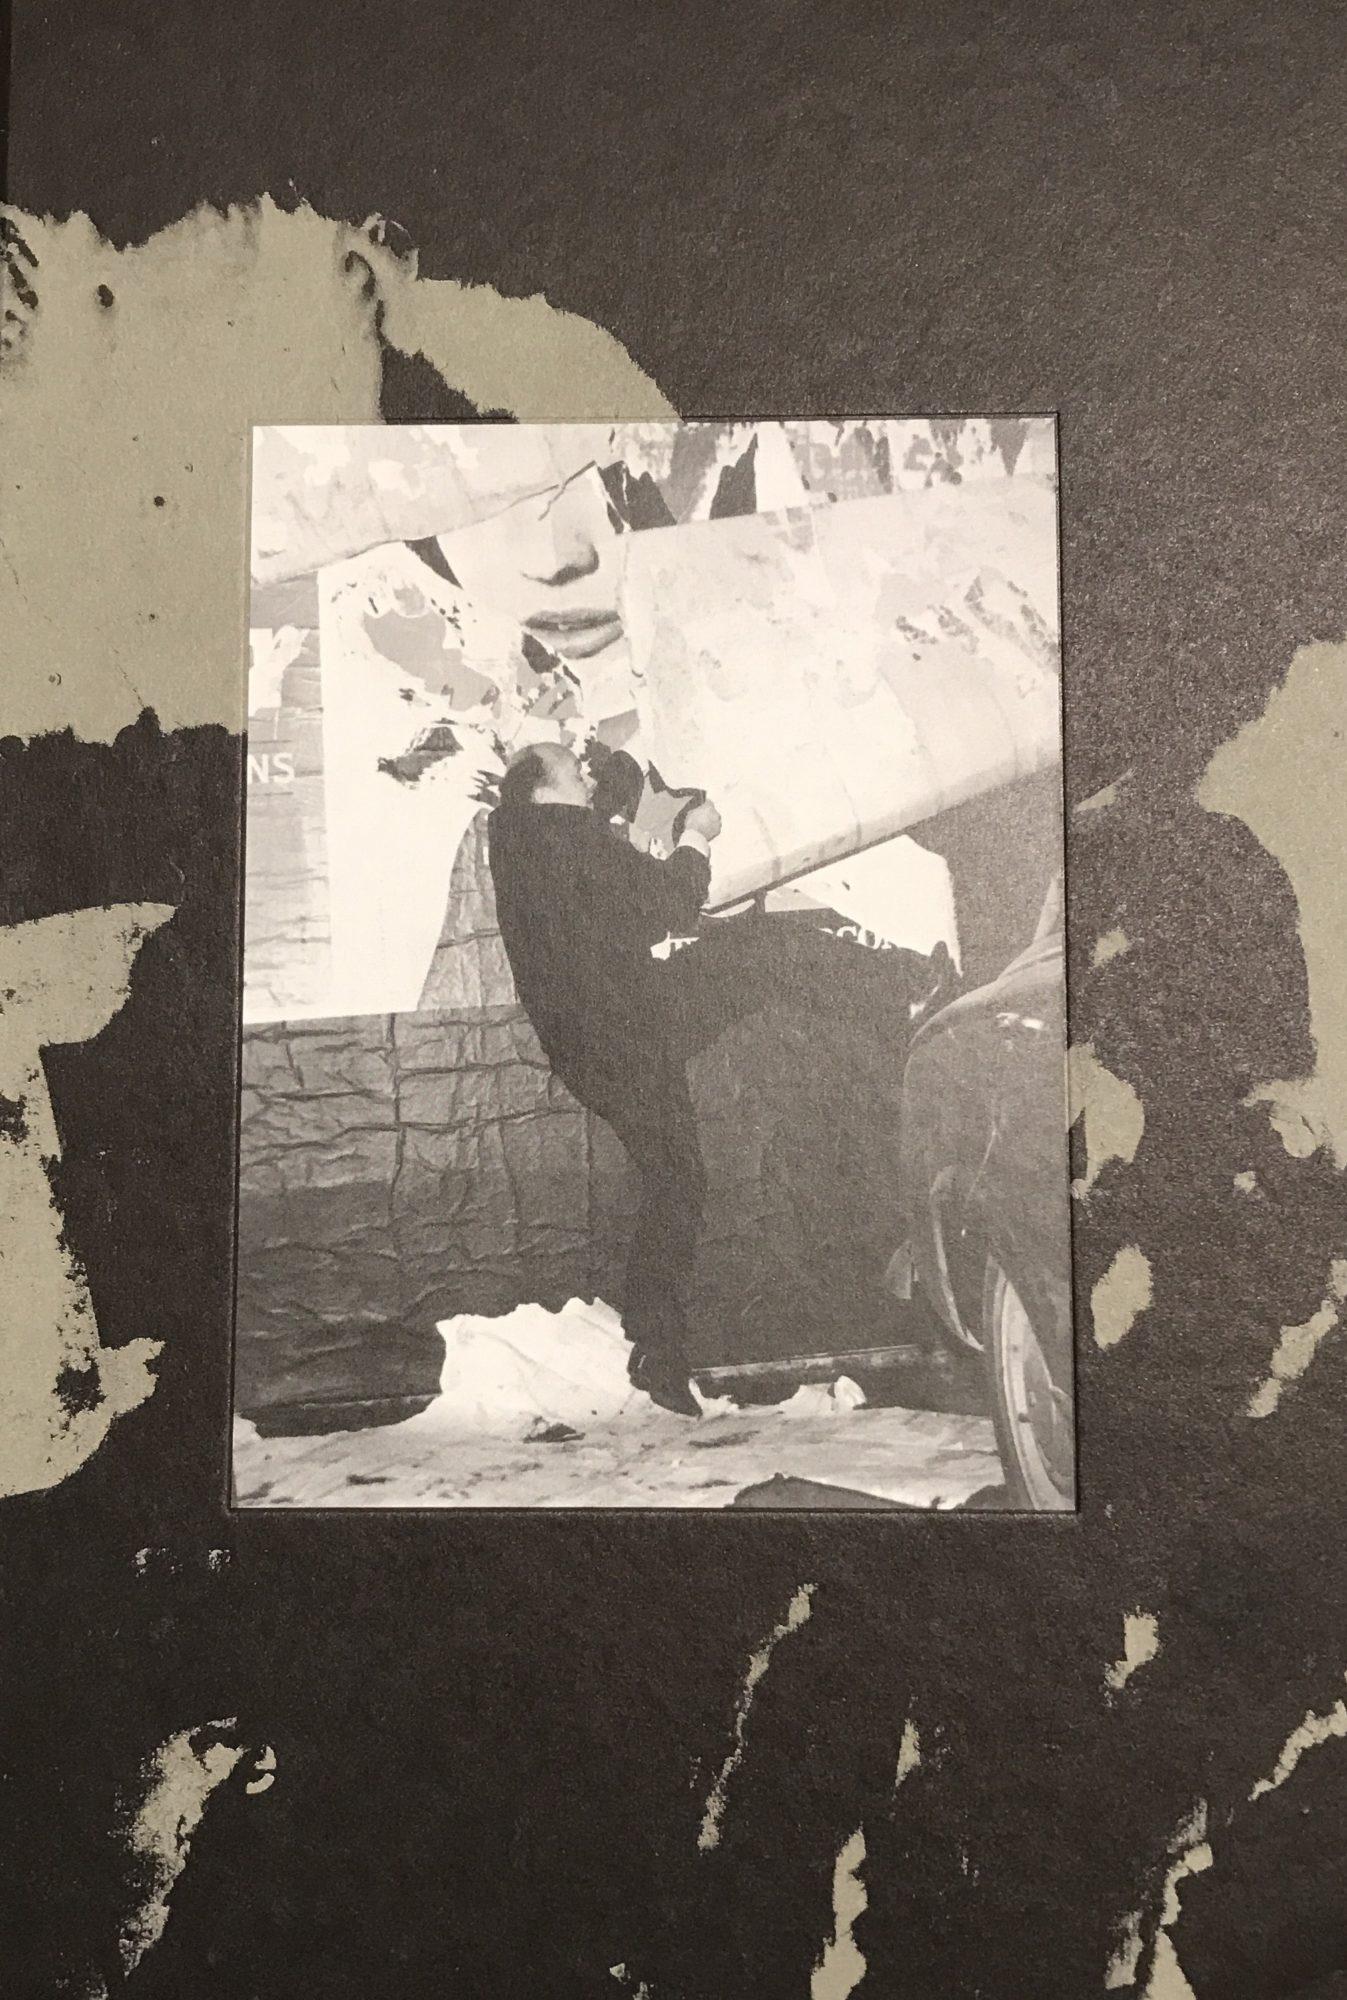 Villeglé – graffiti politiques (1962-1991) - Galerie Georges-Philippe & Nathalie Vallois